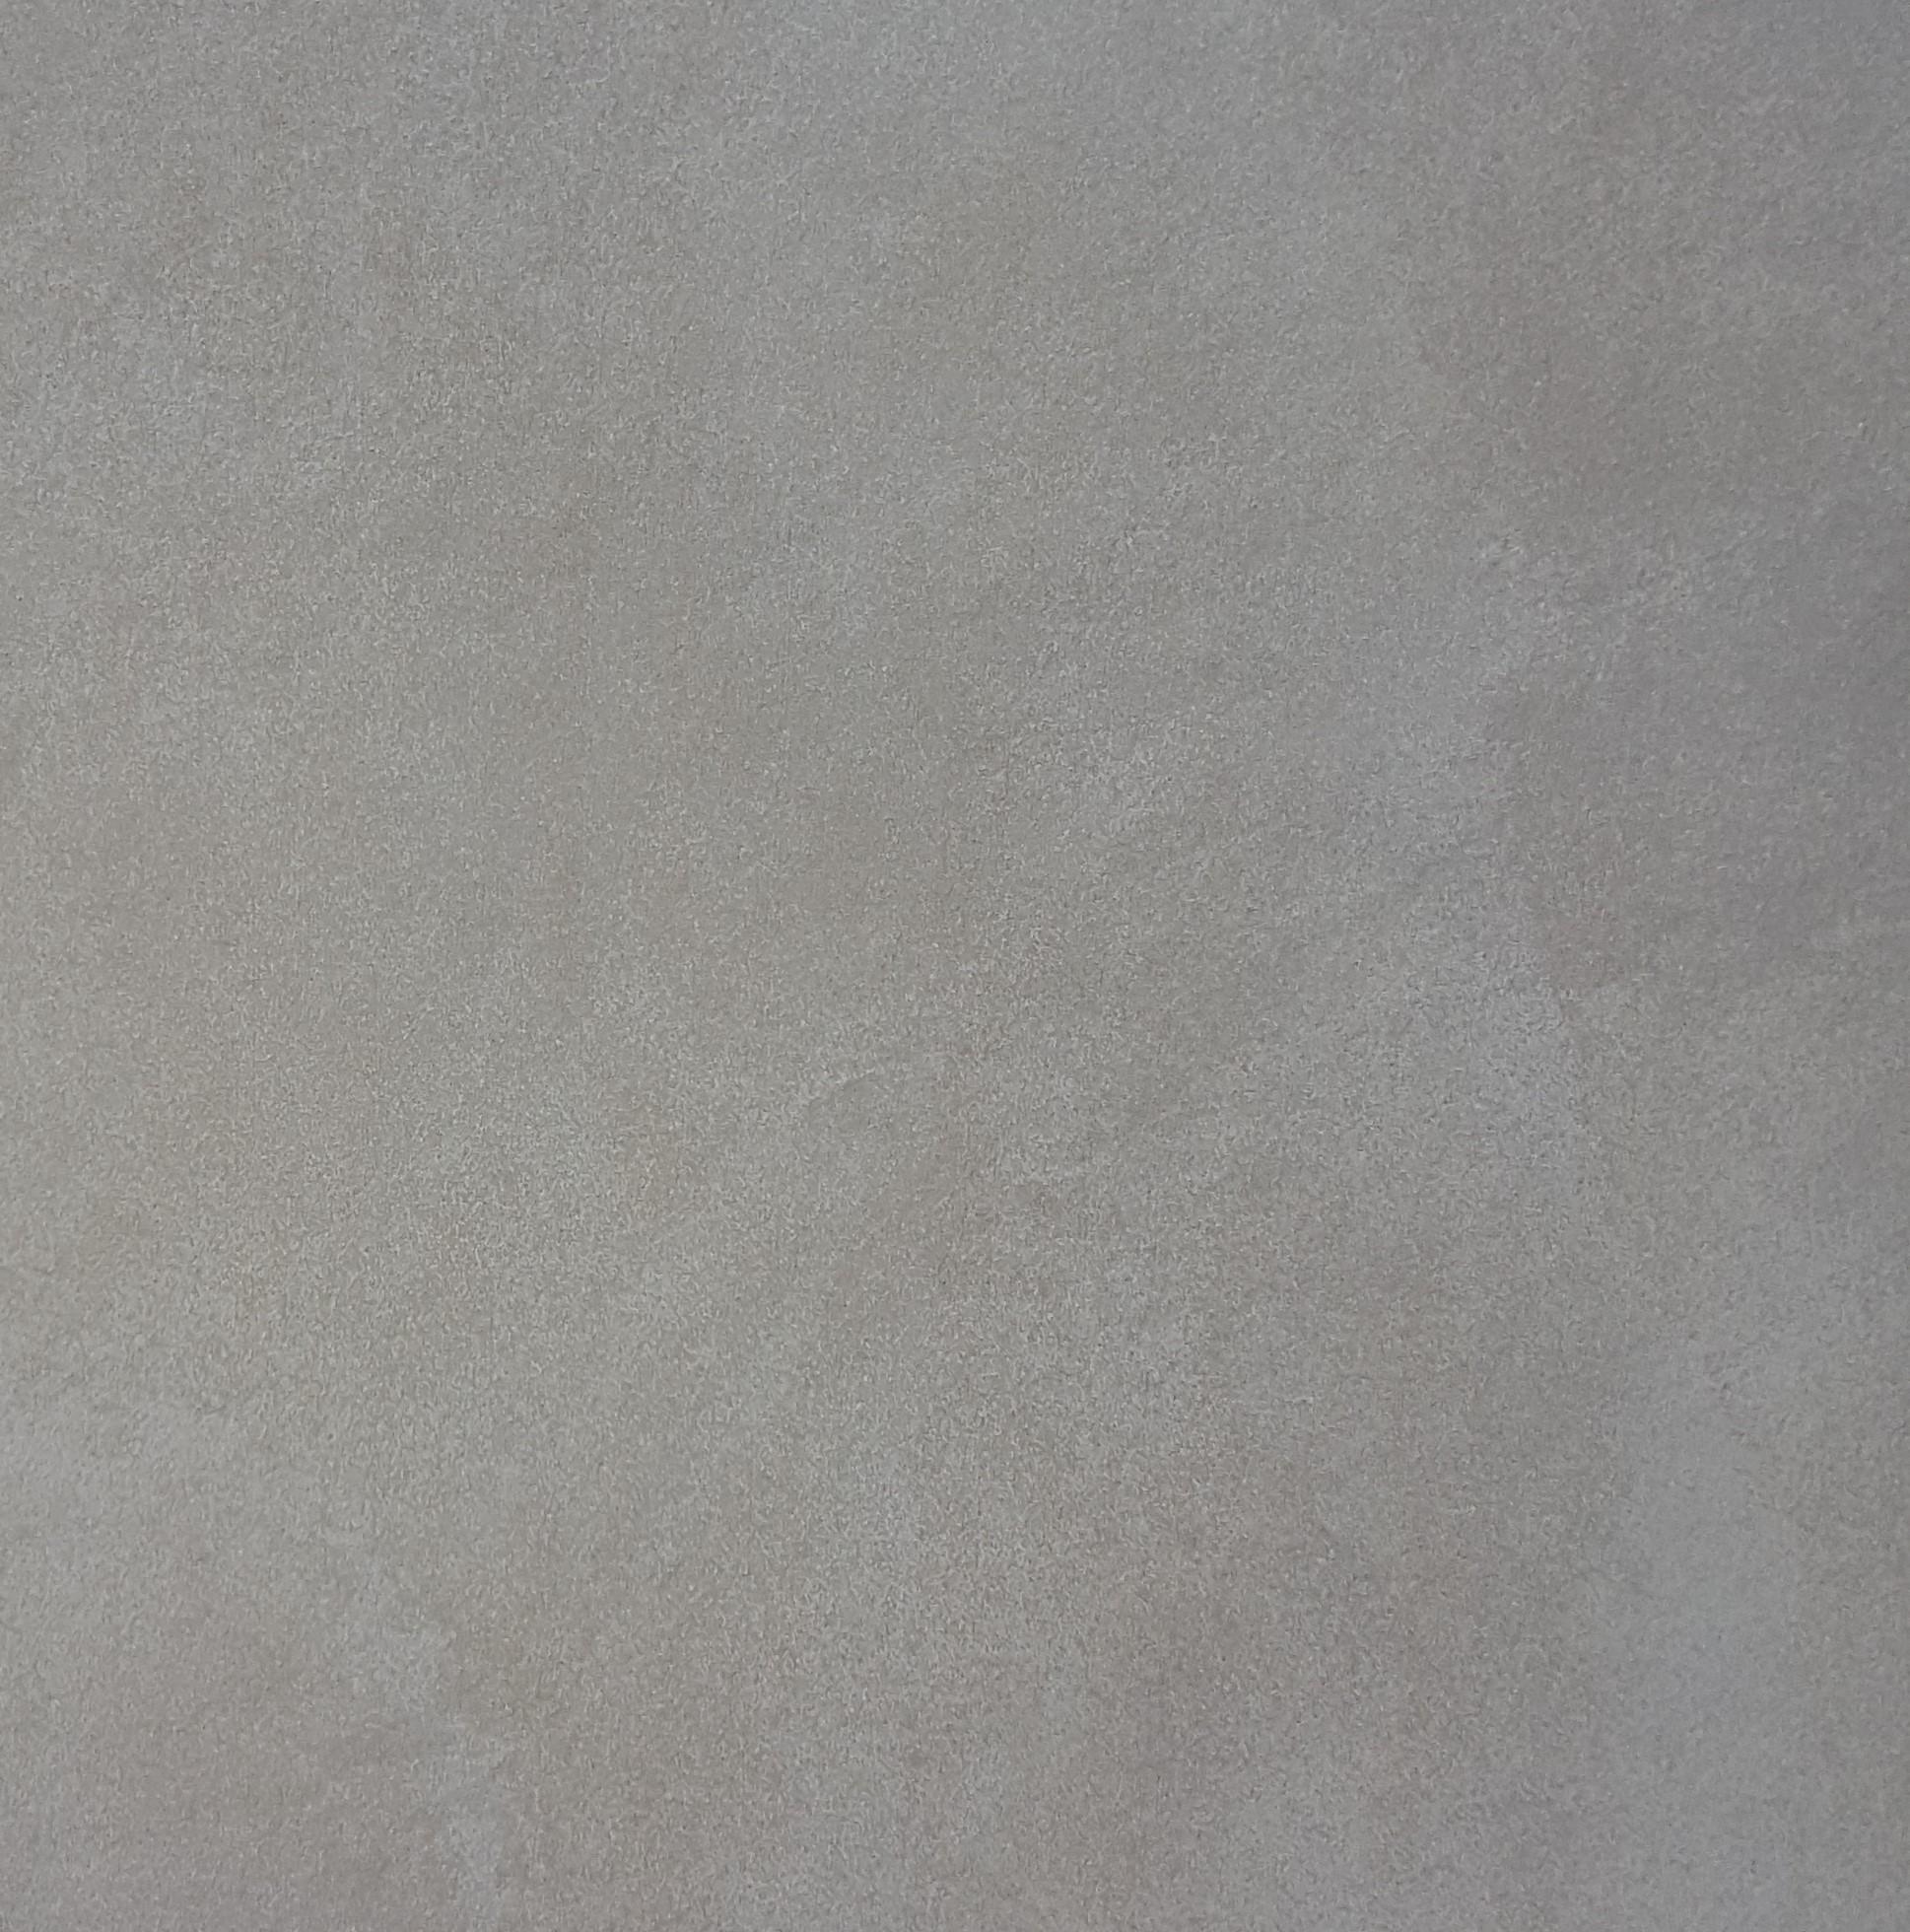 Agrob Buchtal Valley sandbeige AB-052088 Terrassenplatten 60x60 strukturiert, vergütet R11/B